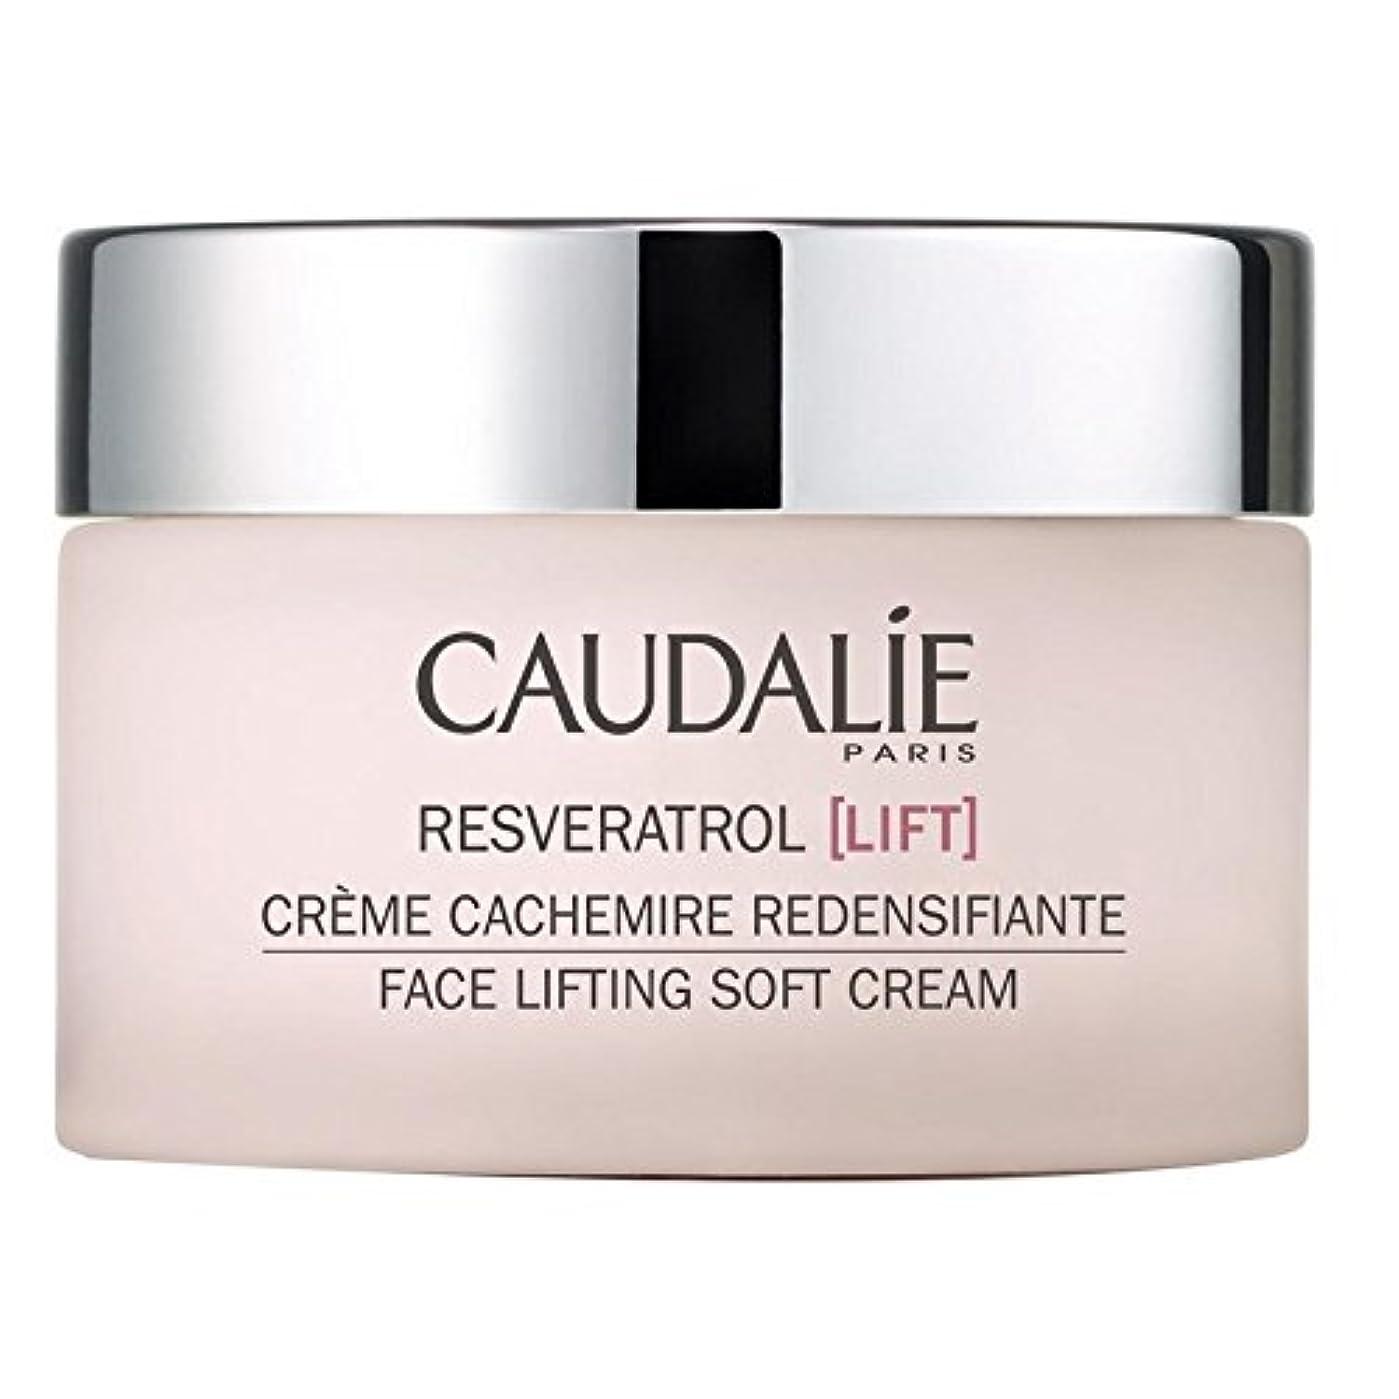 真似るオーケストラ来てCaudalie Resveratrol lift Face Lifting Soft Cream 50ml (Pack of 6) - ソフトクリーム50ミリリットルを持ち上げるコーダリーレスベラトロールリフト顔 x6 [並行輸入品]